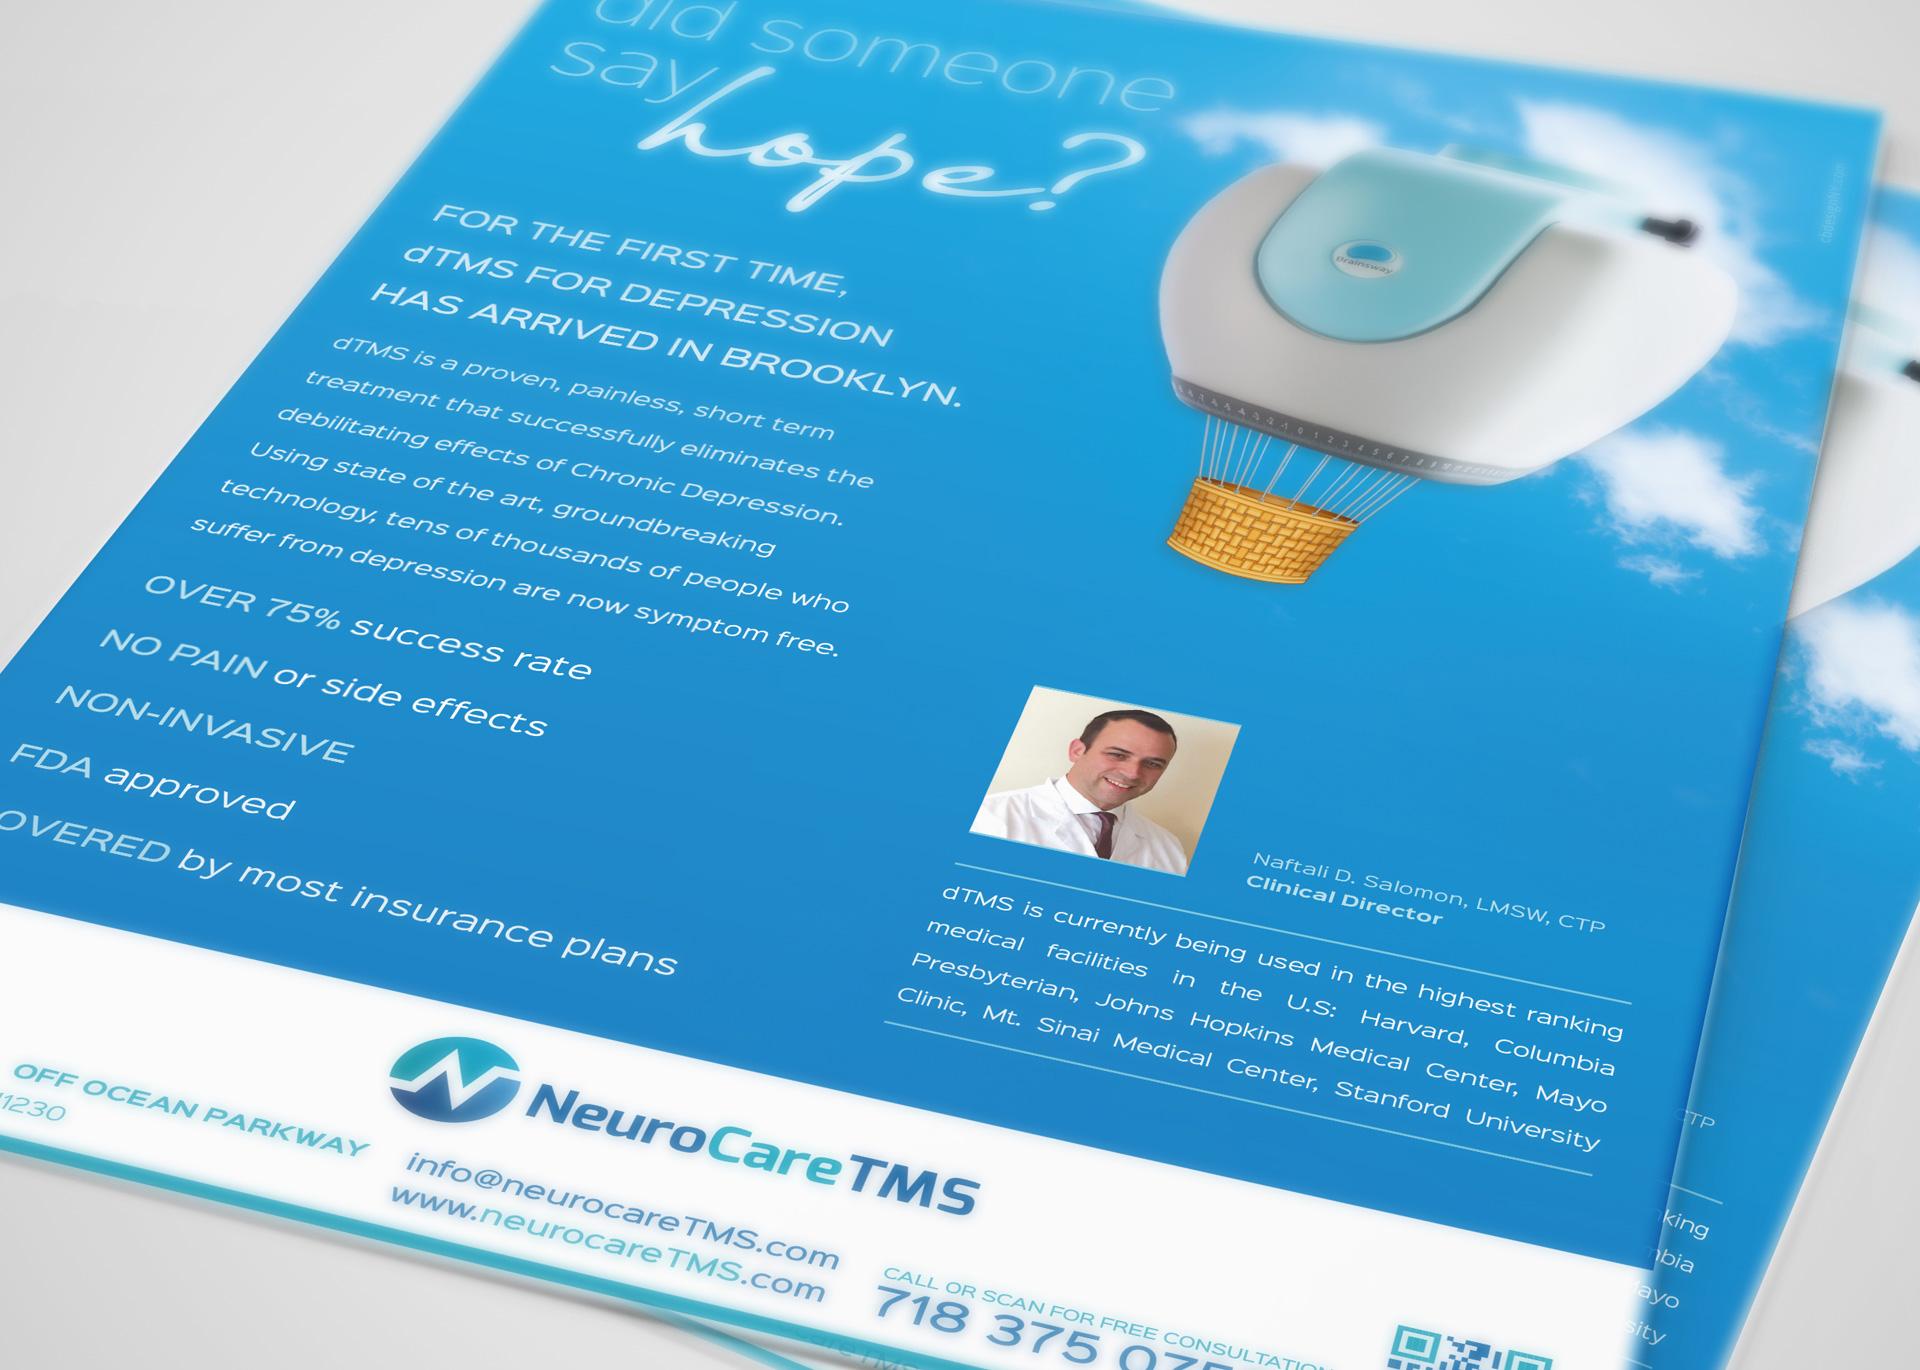 NeuroCare TMS